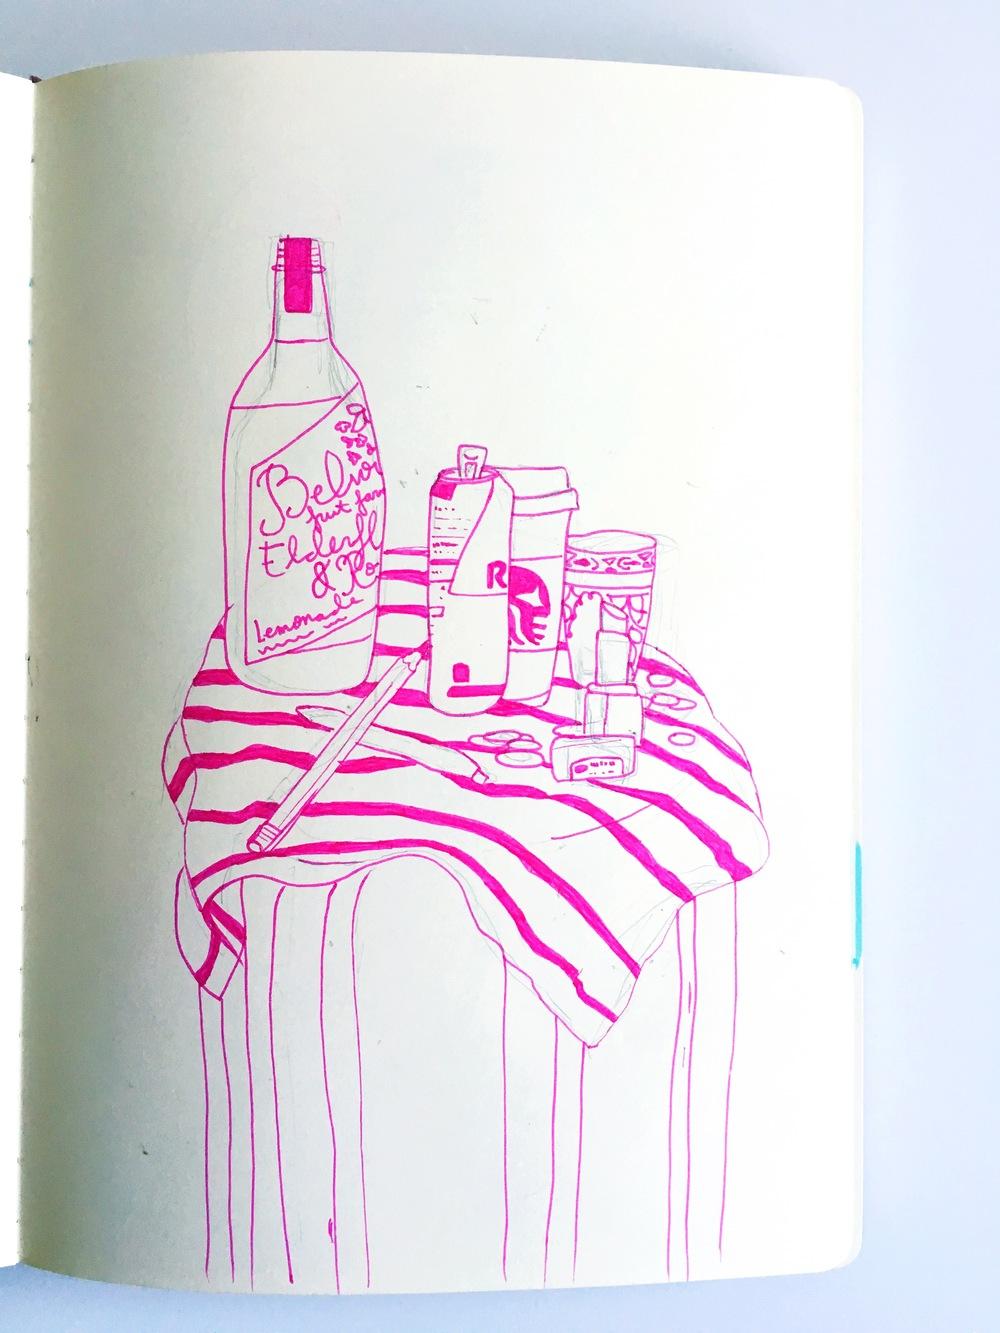 pink still life sketch